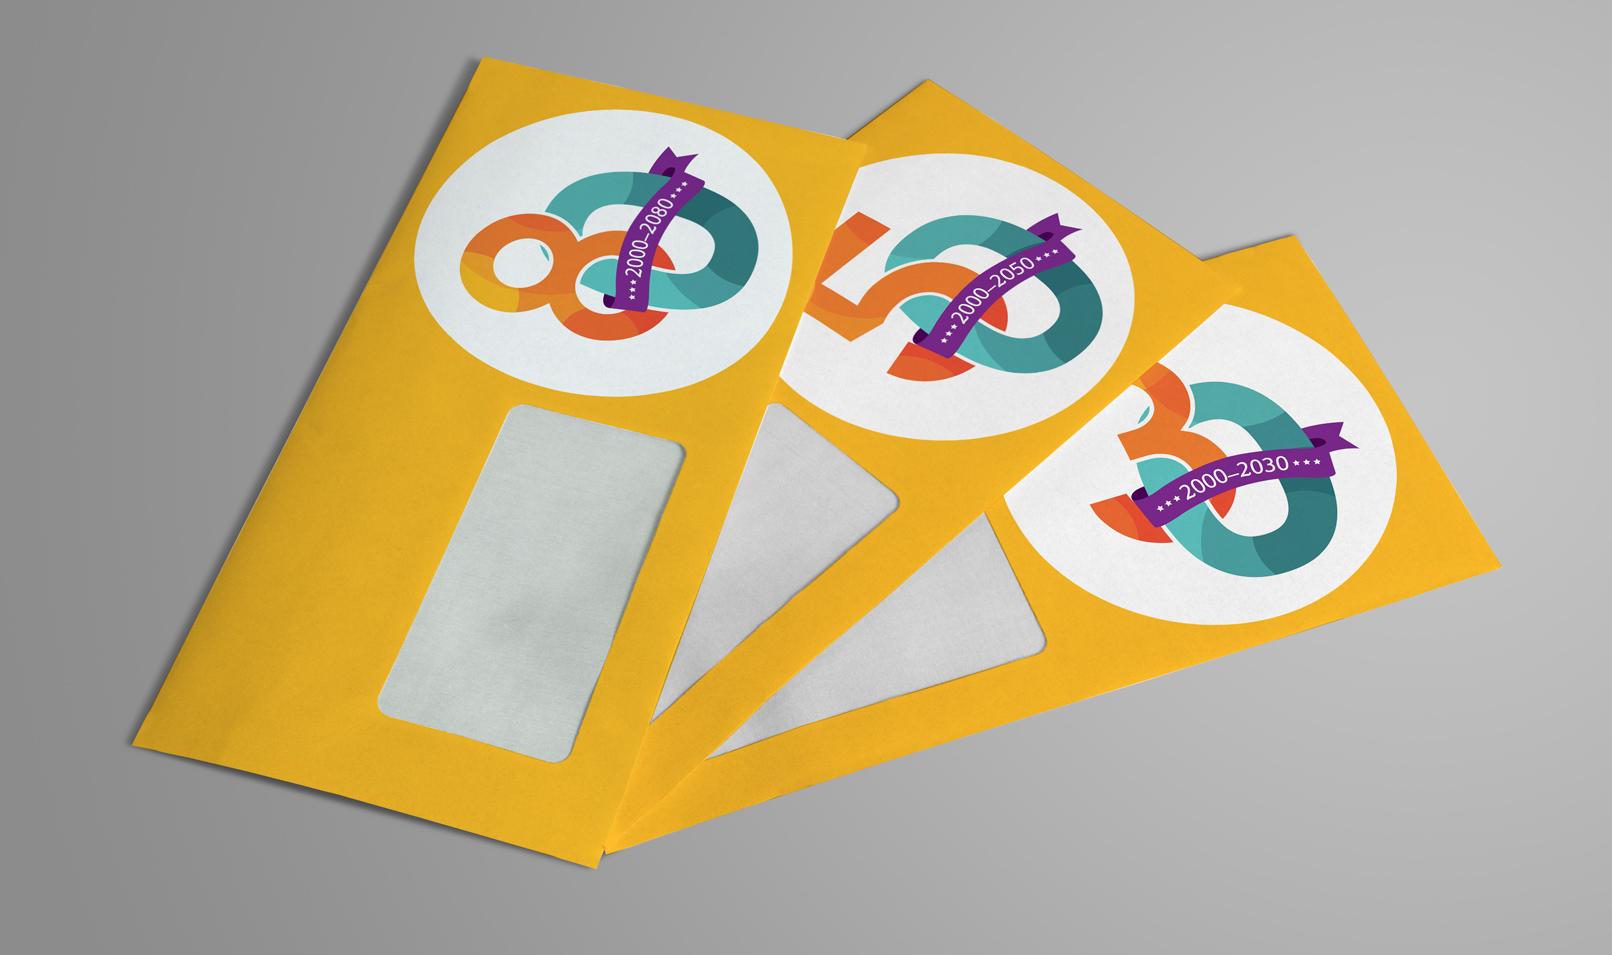 Beispiel zur Verwendung der Zahlen-Vorlagen: Briefumschlag mit der Zahl 80